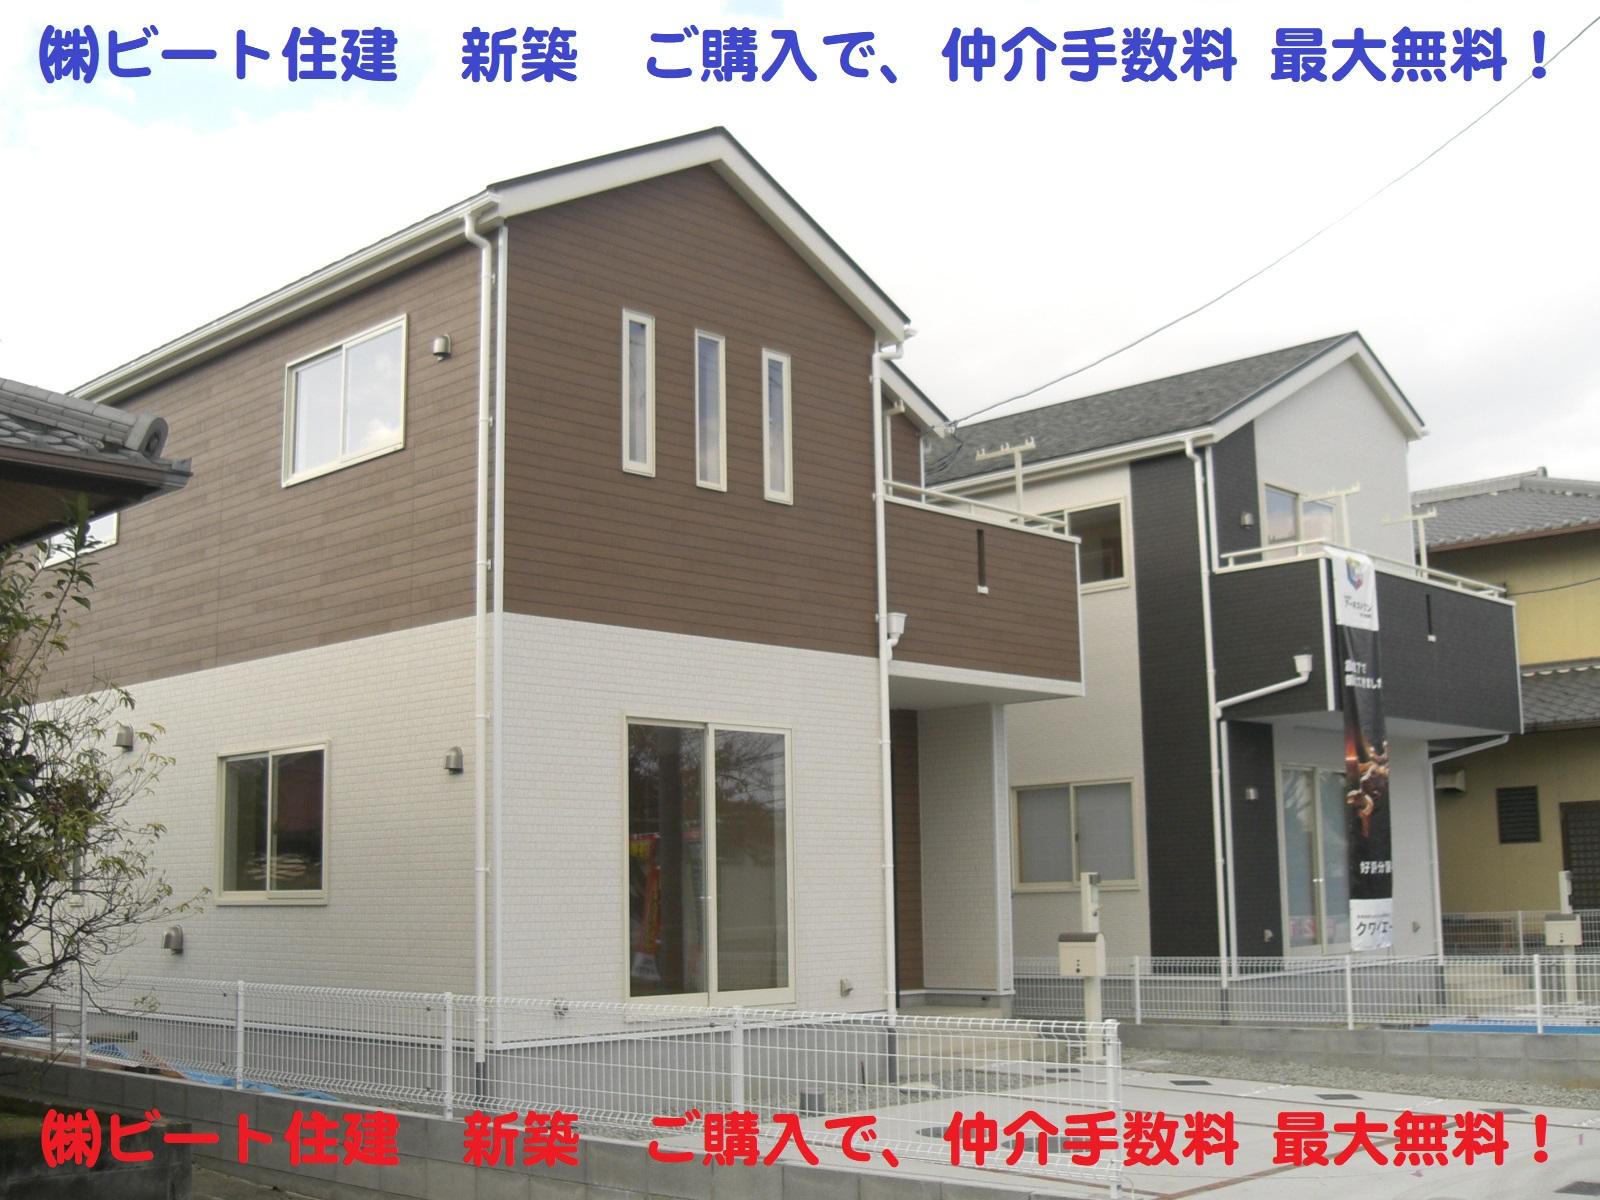 大和高田市 中三倉堂 新築 お買い得 値引き交渉 頑張ります!